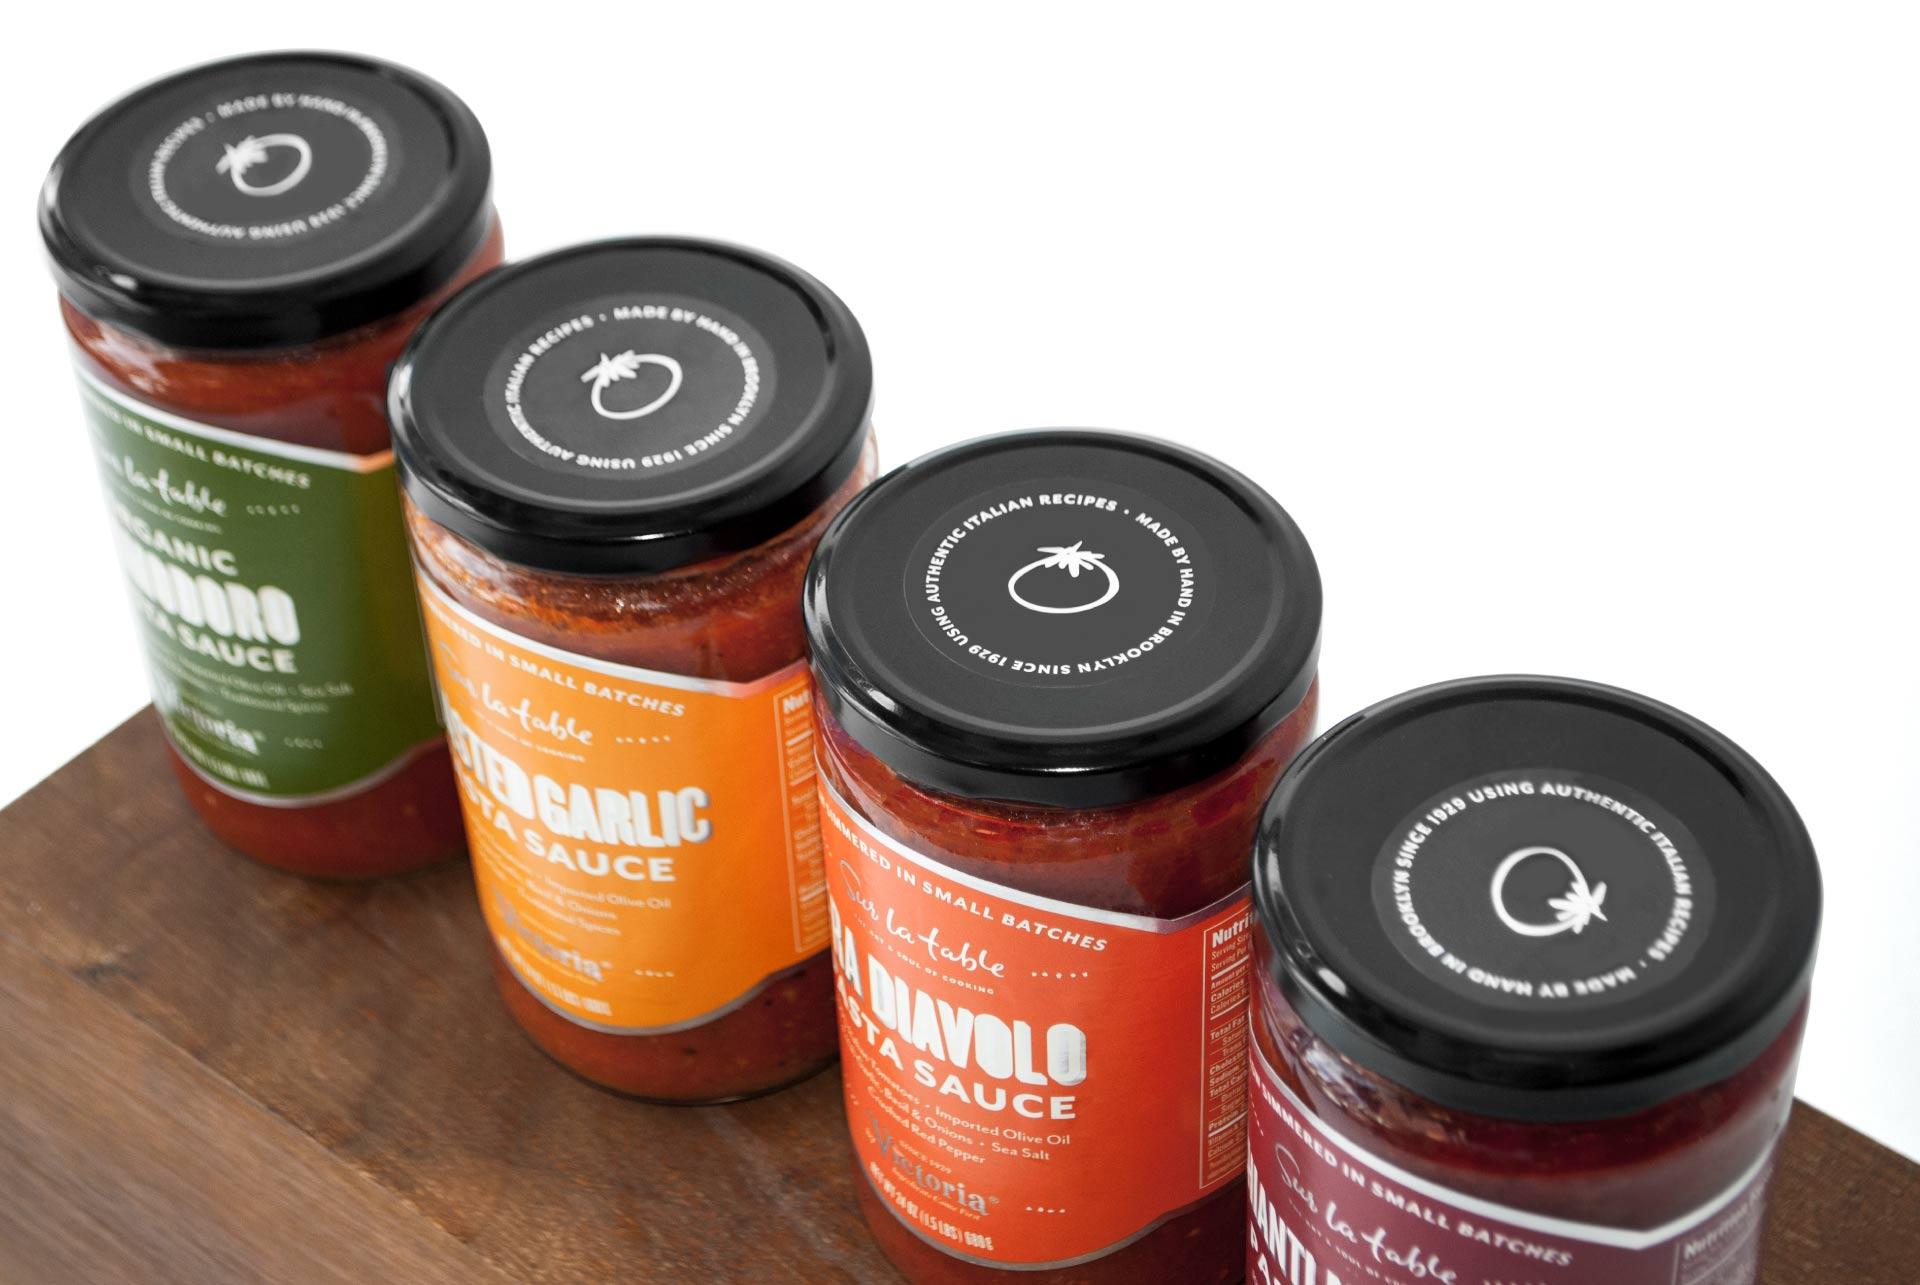 Creative_Retail_Packaging_Branding_Design_Sur_La_Table_32.jpg